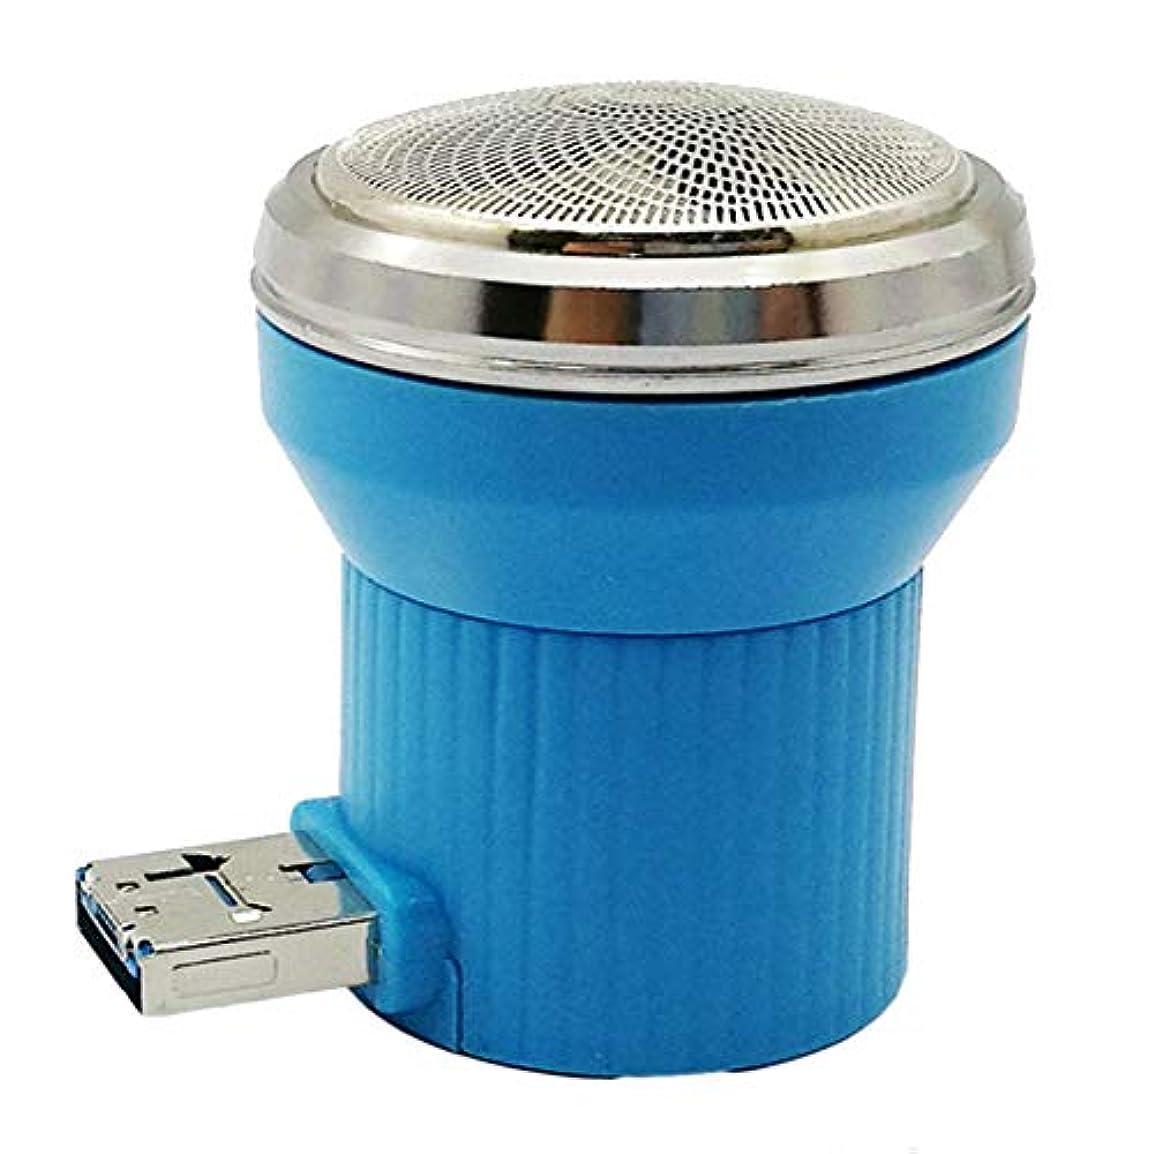 ゲームチップシェード旅行用かみそり用ミニかみそりUSB携帯電話多機能ポータブル電気メンズかみそり(ブルー)